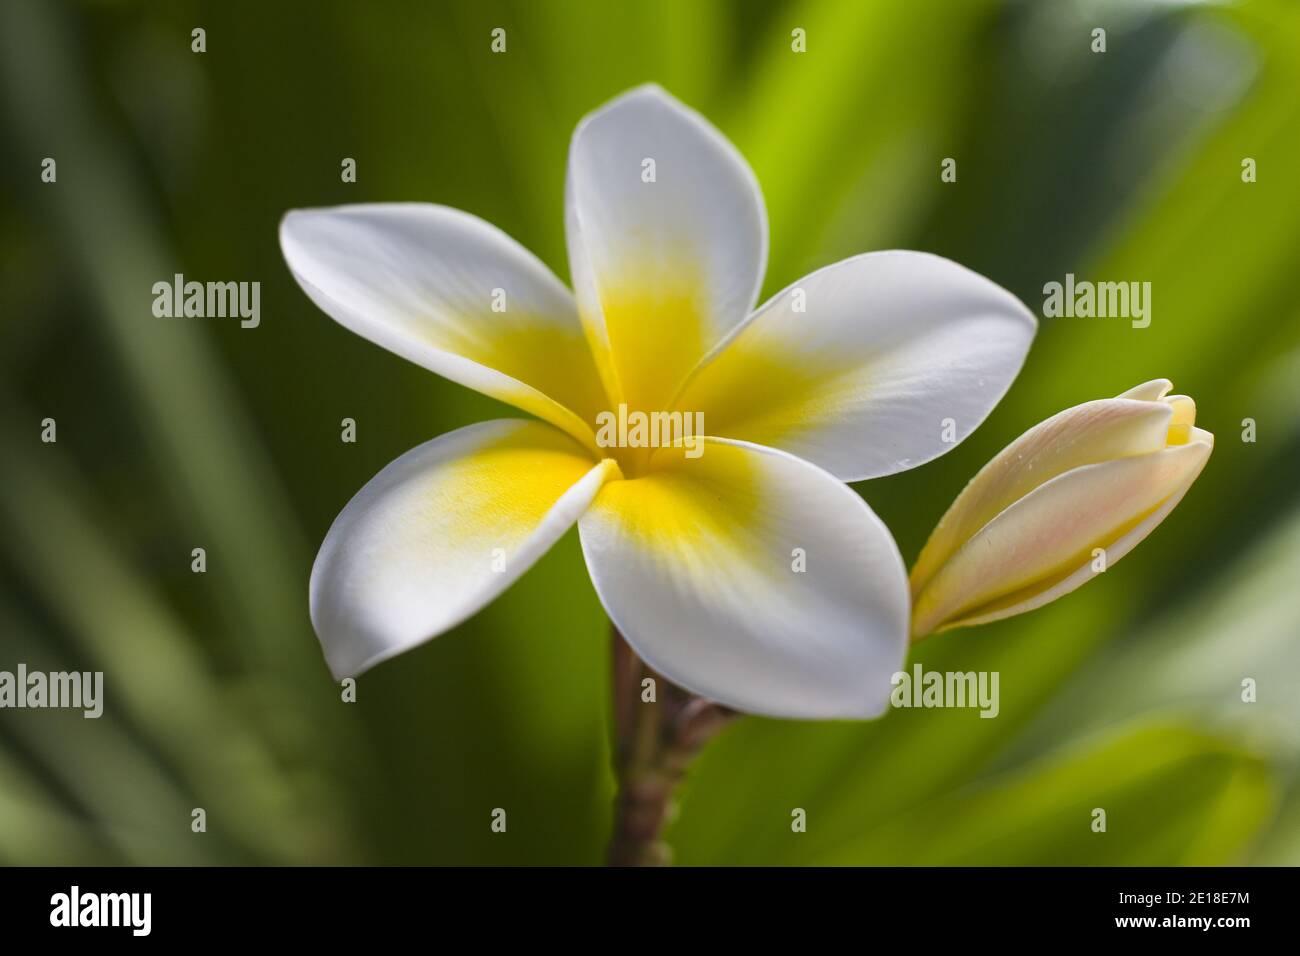 Plumeria fleurs, une fleur parfumée profondément liée à Hawaï et à sa culture, également appelée ''frangipani Banque D'Images